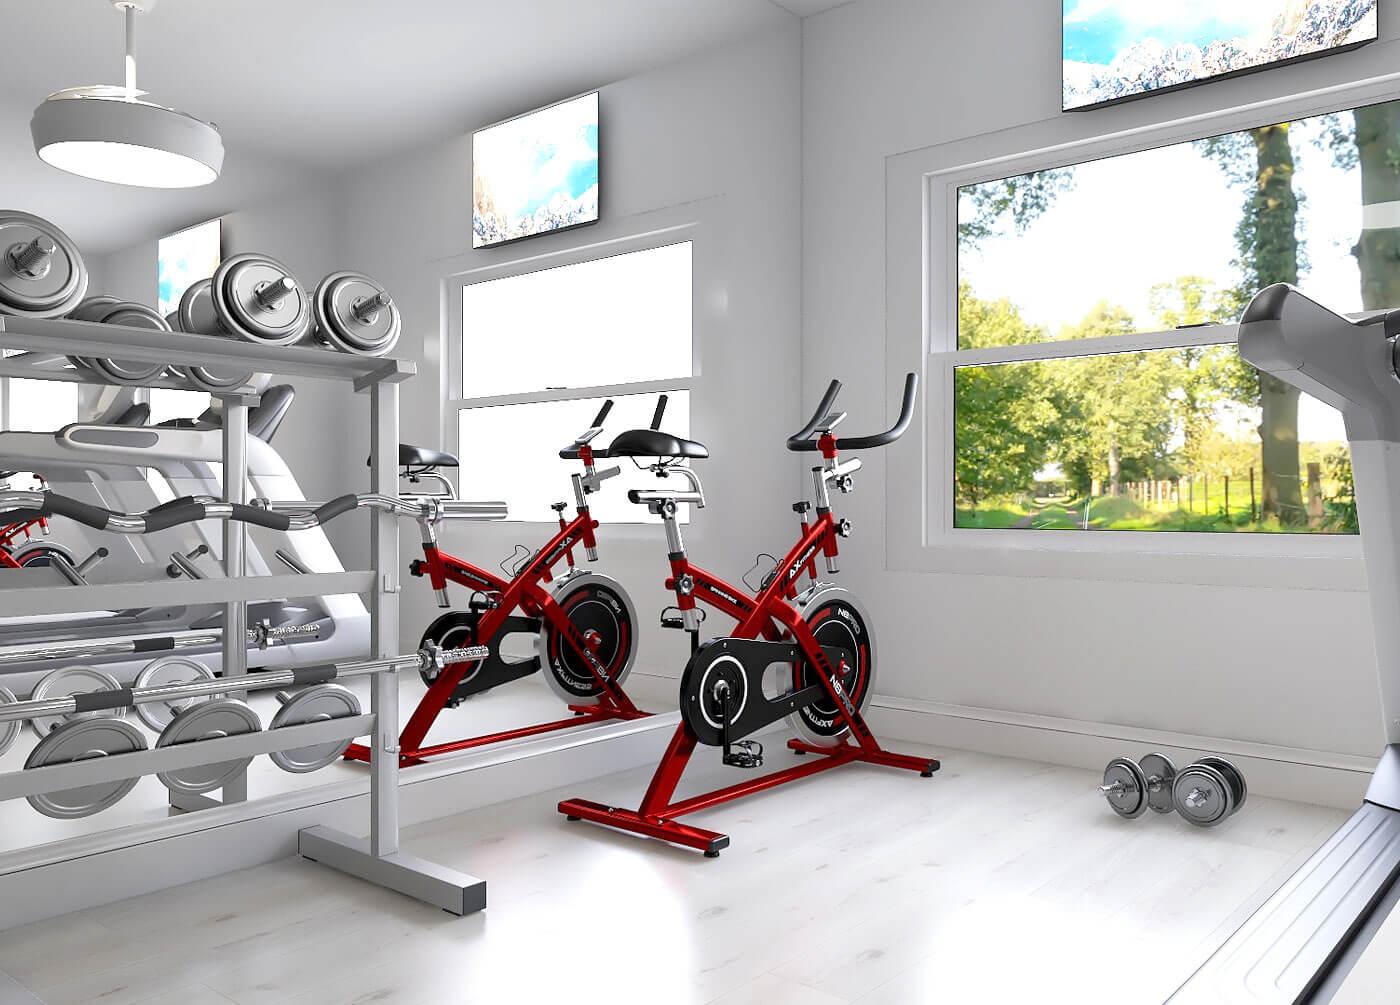 Gym Decor